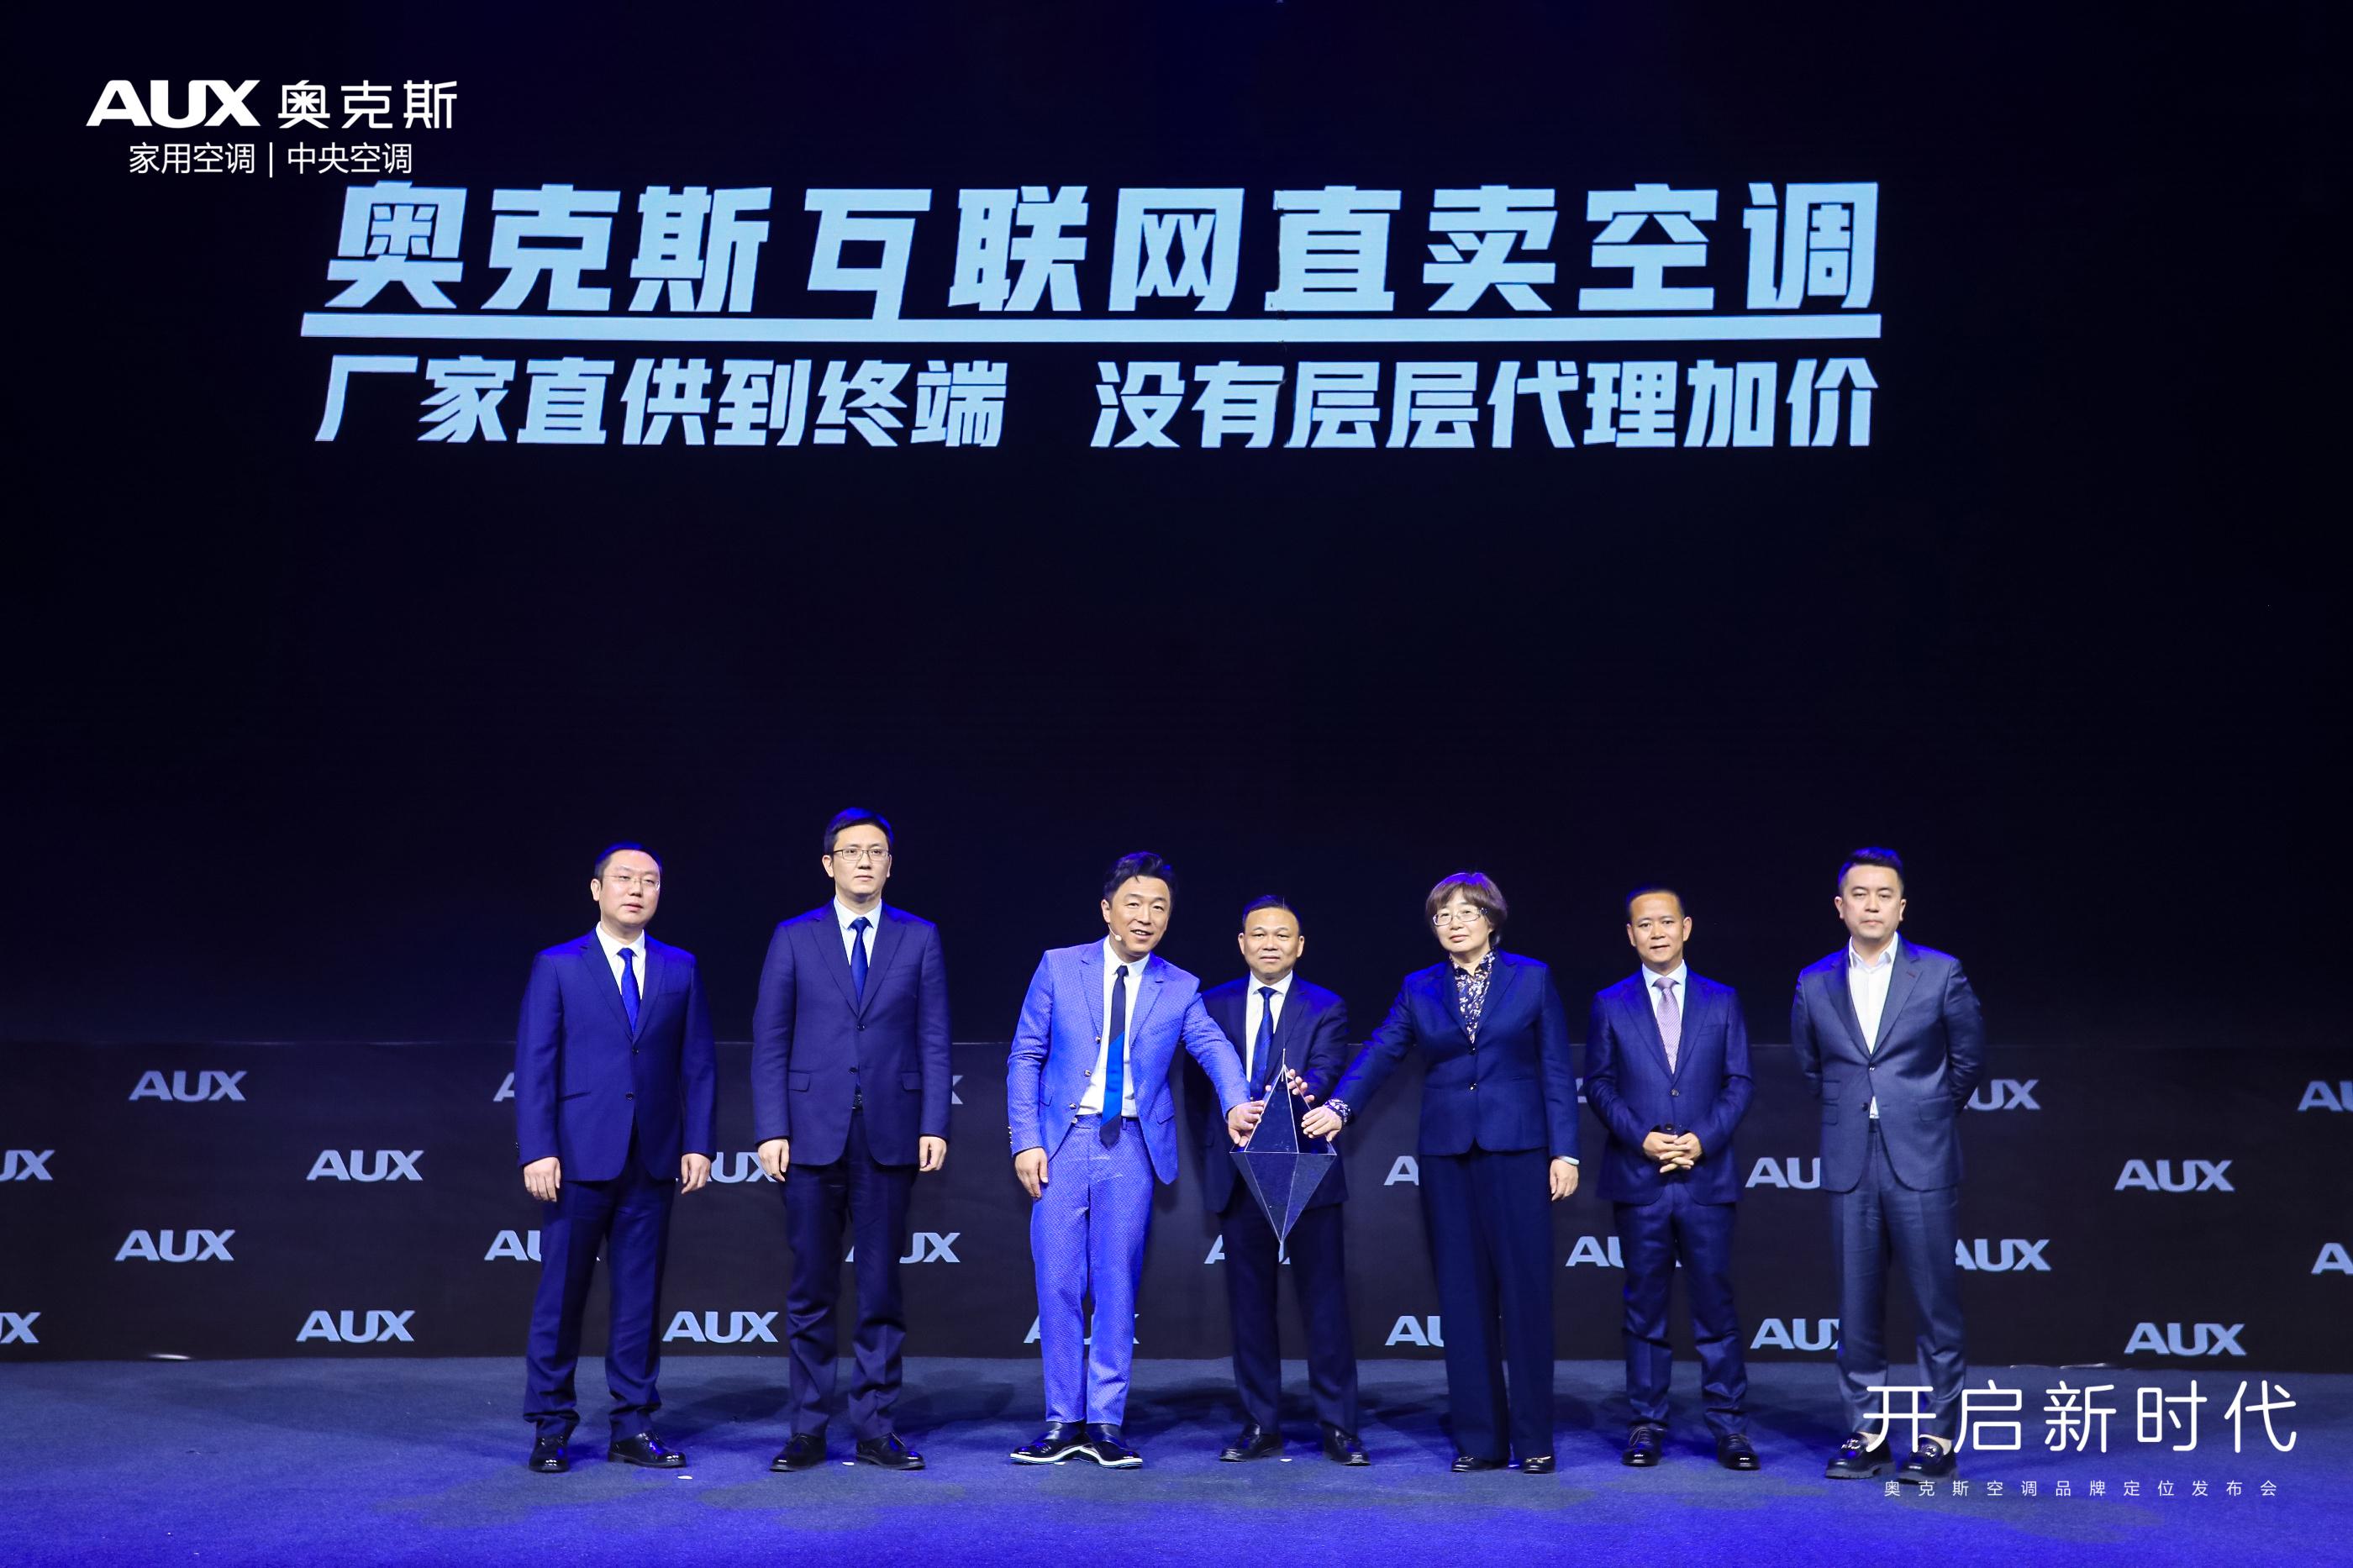 黄渤亮相奥克斯发布会 互联网直卖颠覆传统模式